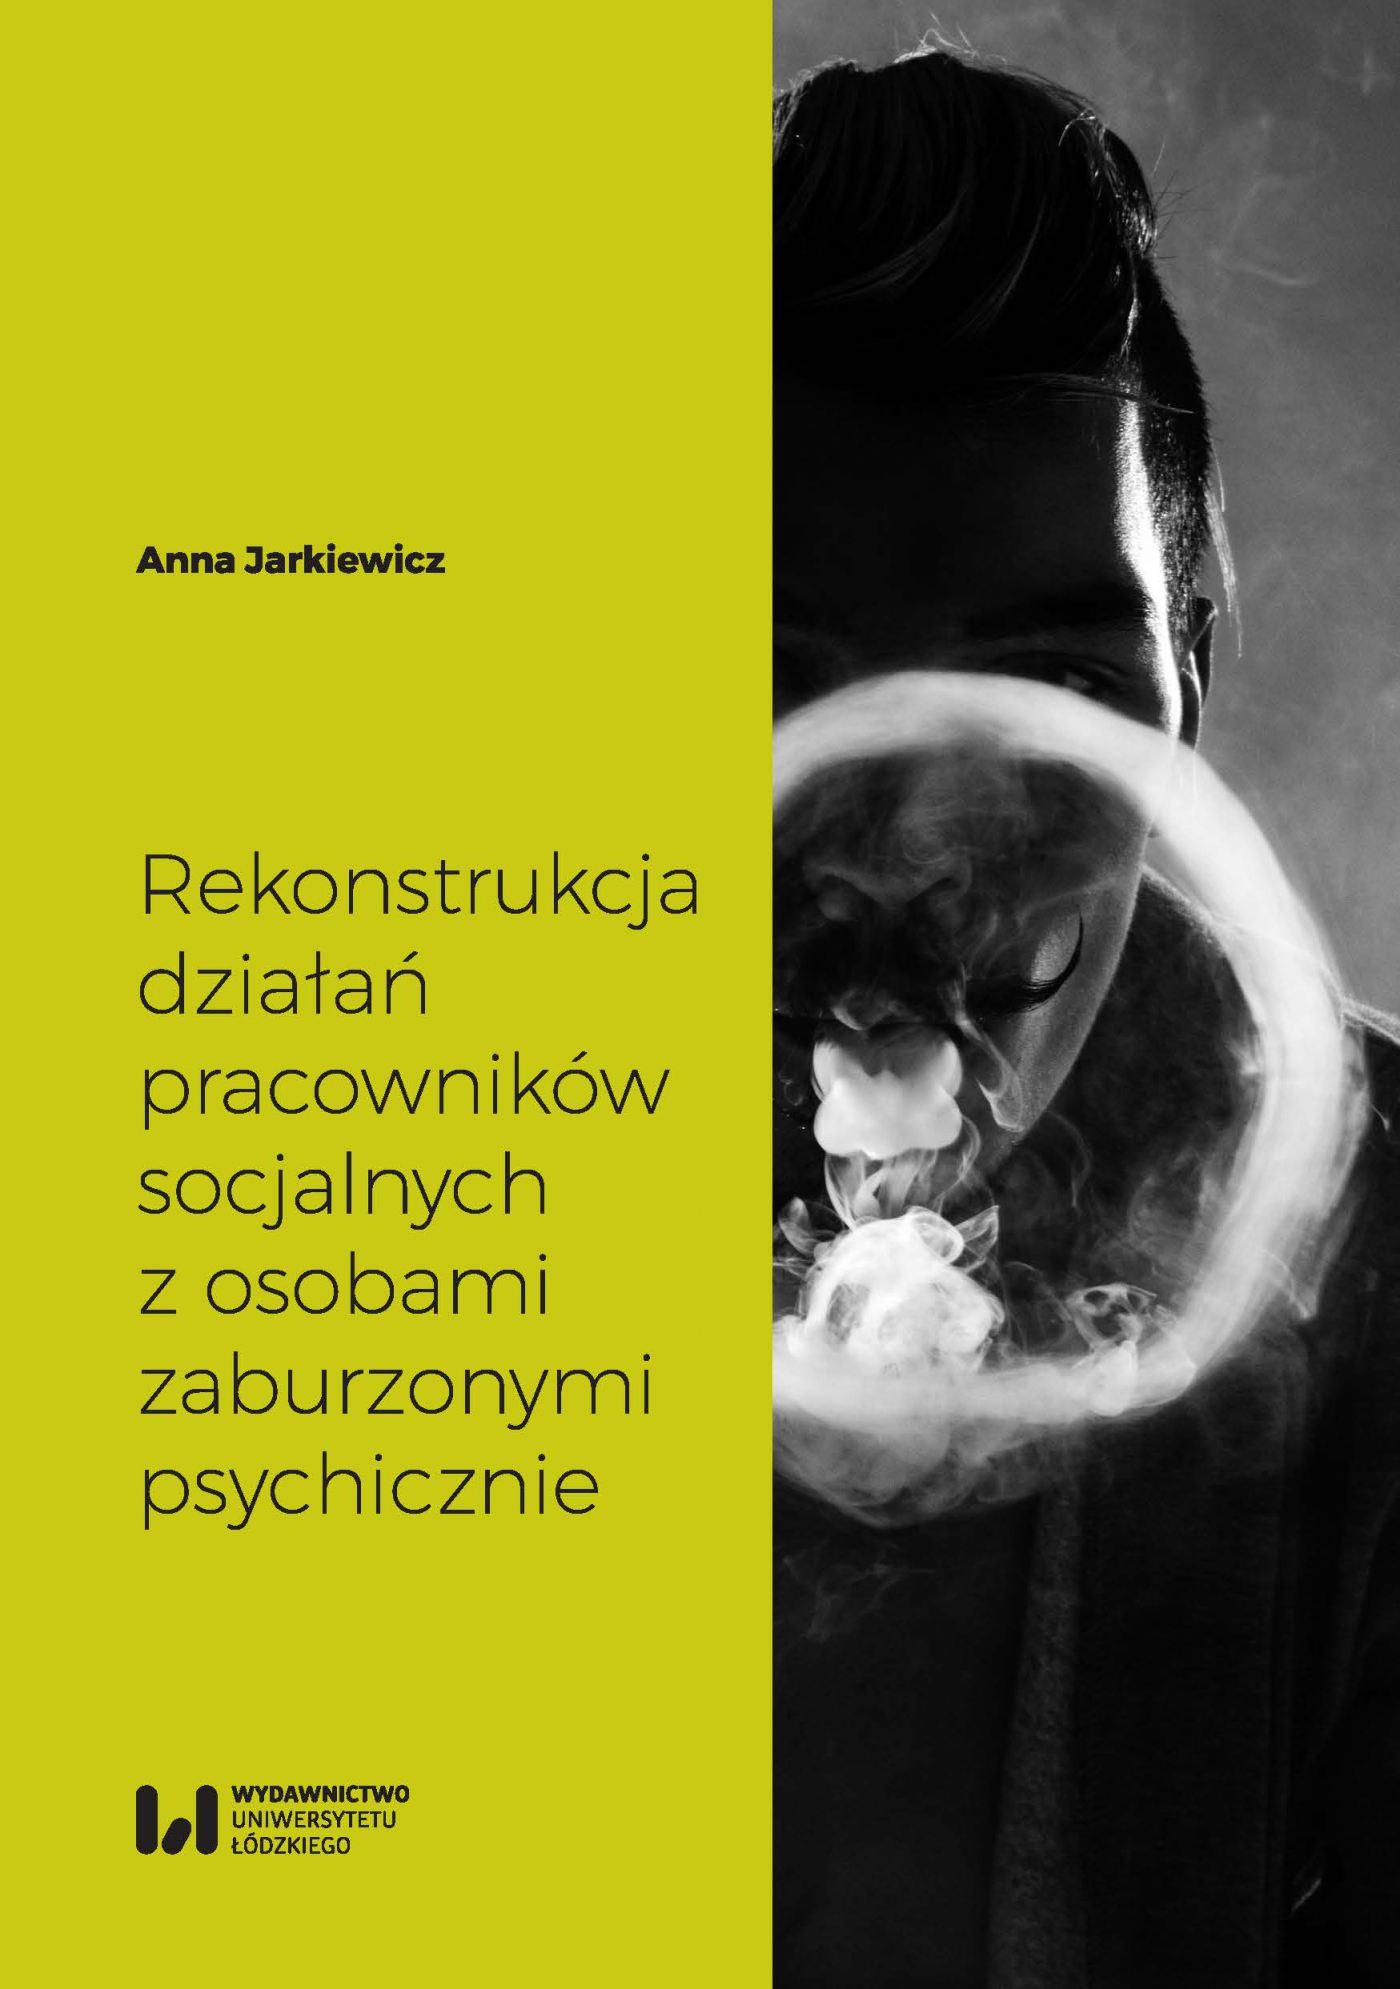 Rekonstrukcja działań pracowników socjalnych z osobami zaburzonymi psychicznie - Ebook (Książka PDF) do pobrania w formacie PDF